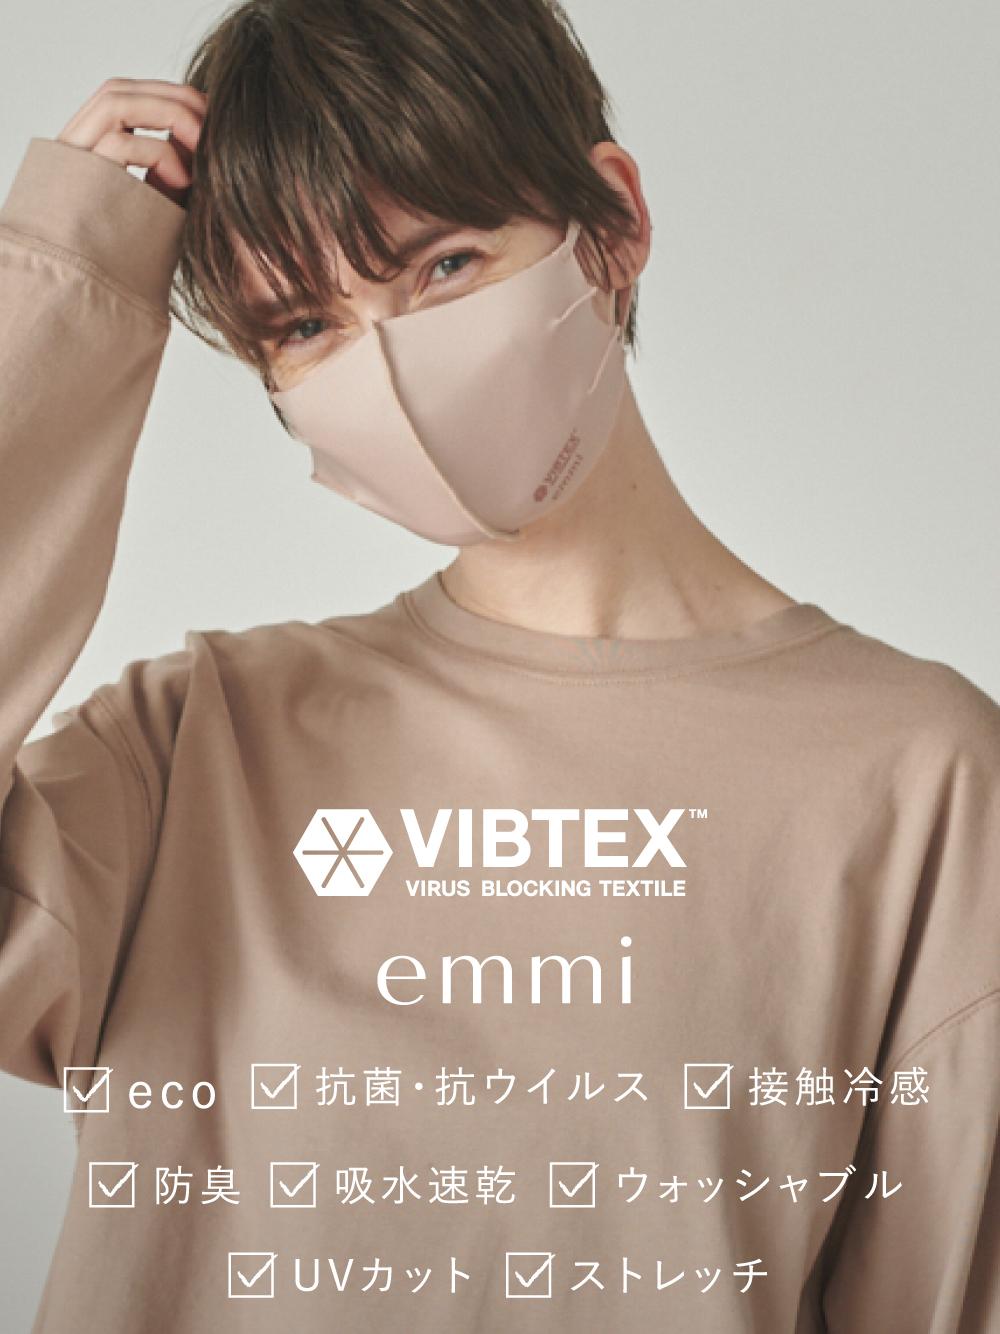 【emmi yoga】VIBTEX マスクアジャスター付き(BEG-F)